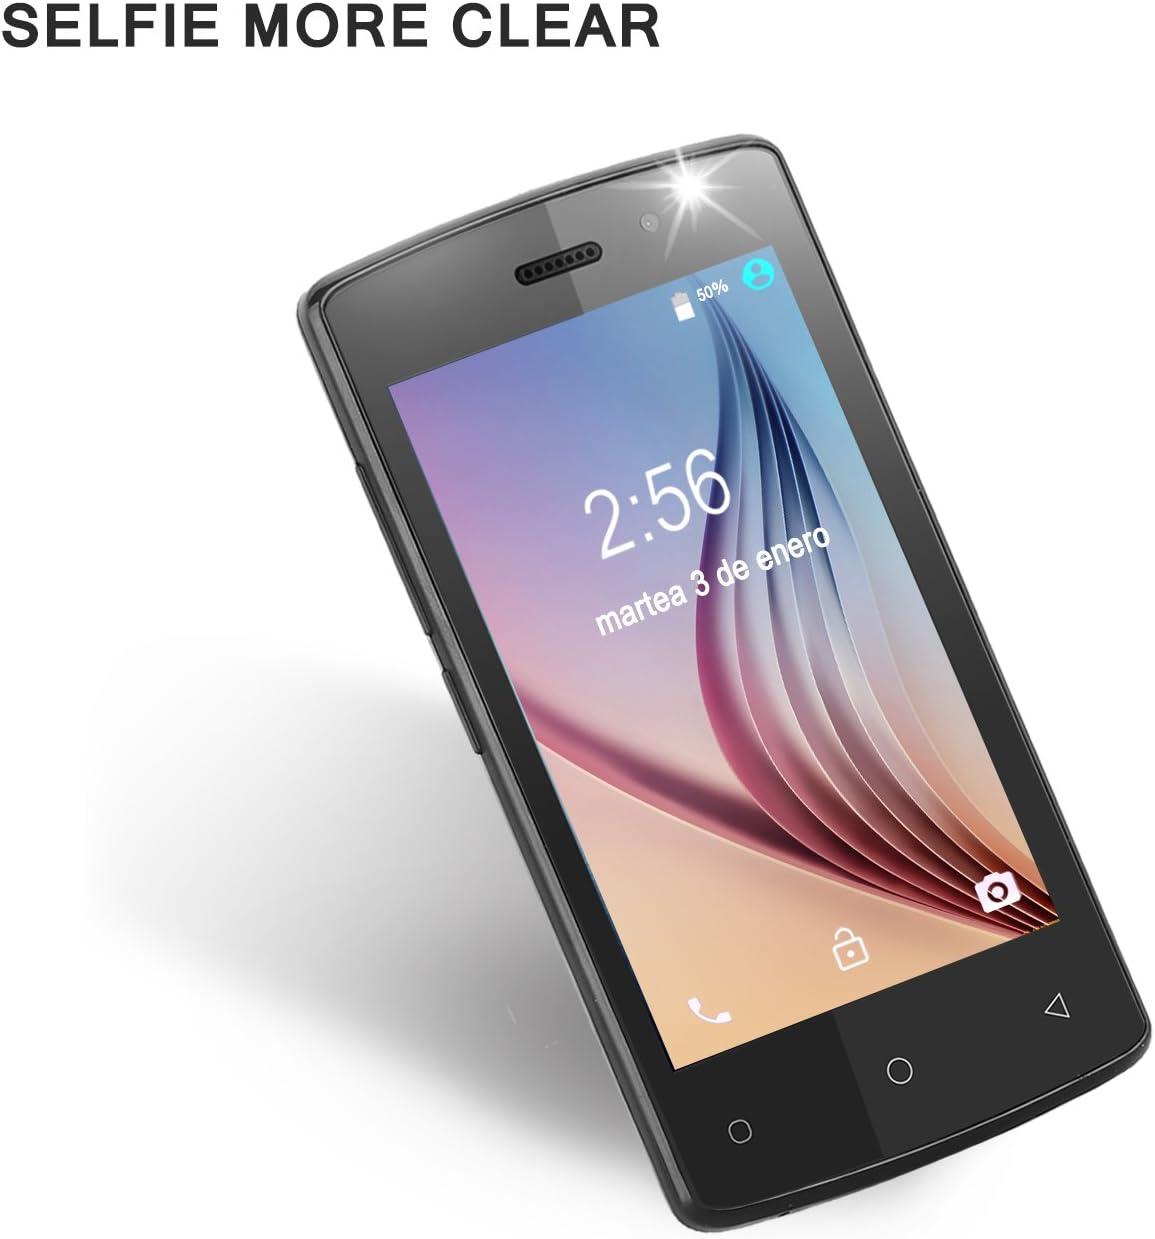 7 paso París 4 Inch Smartphone Negro color: Amazon.es: Electrónica